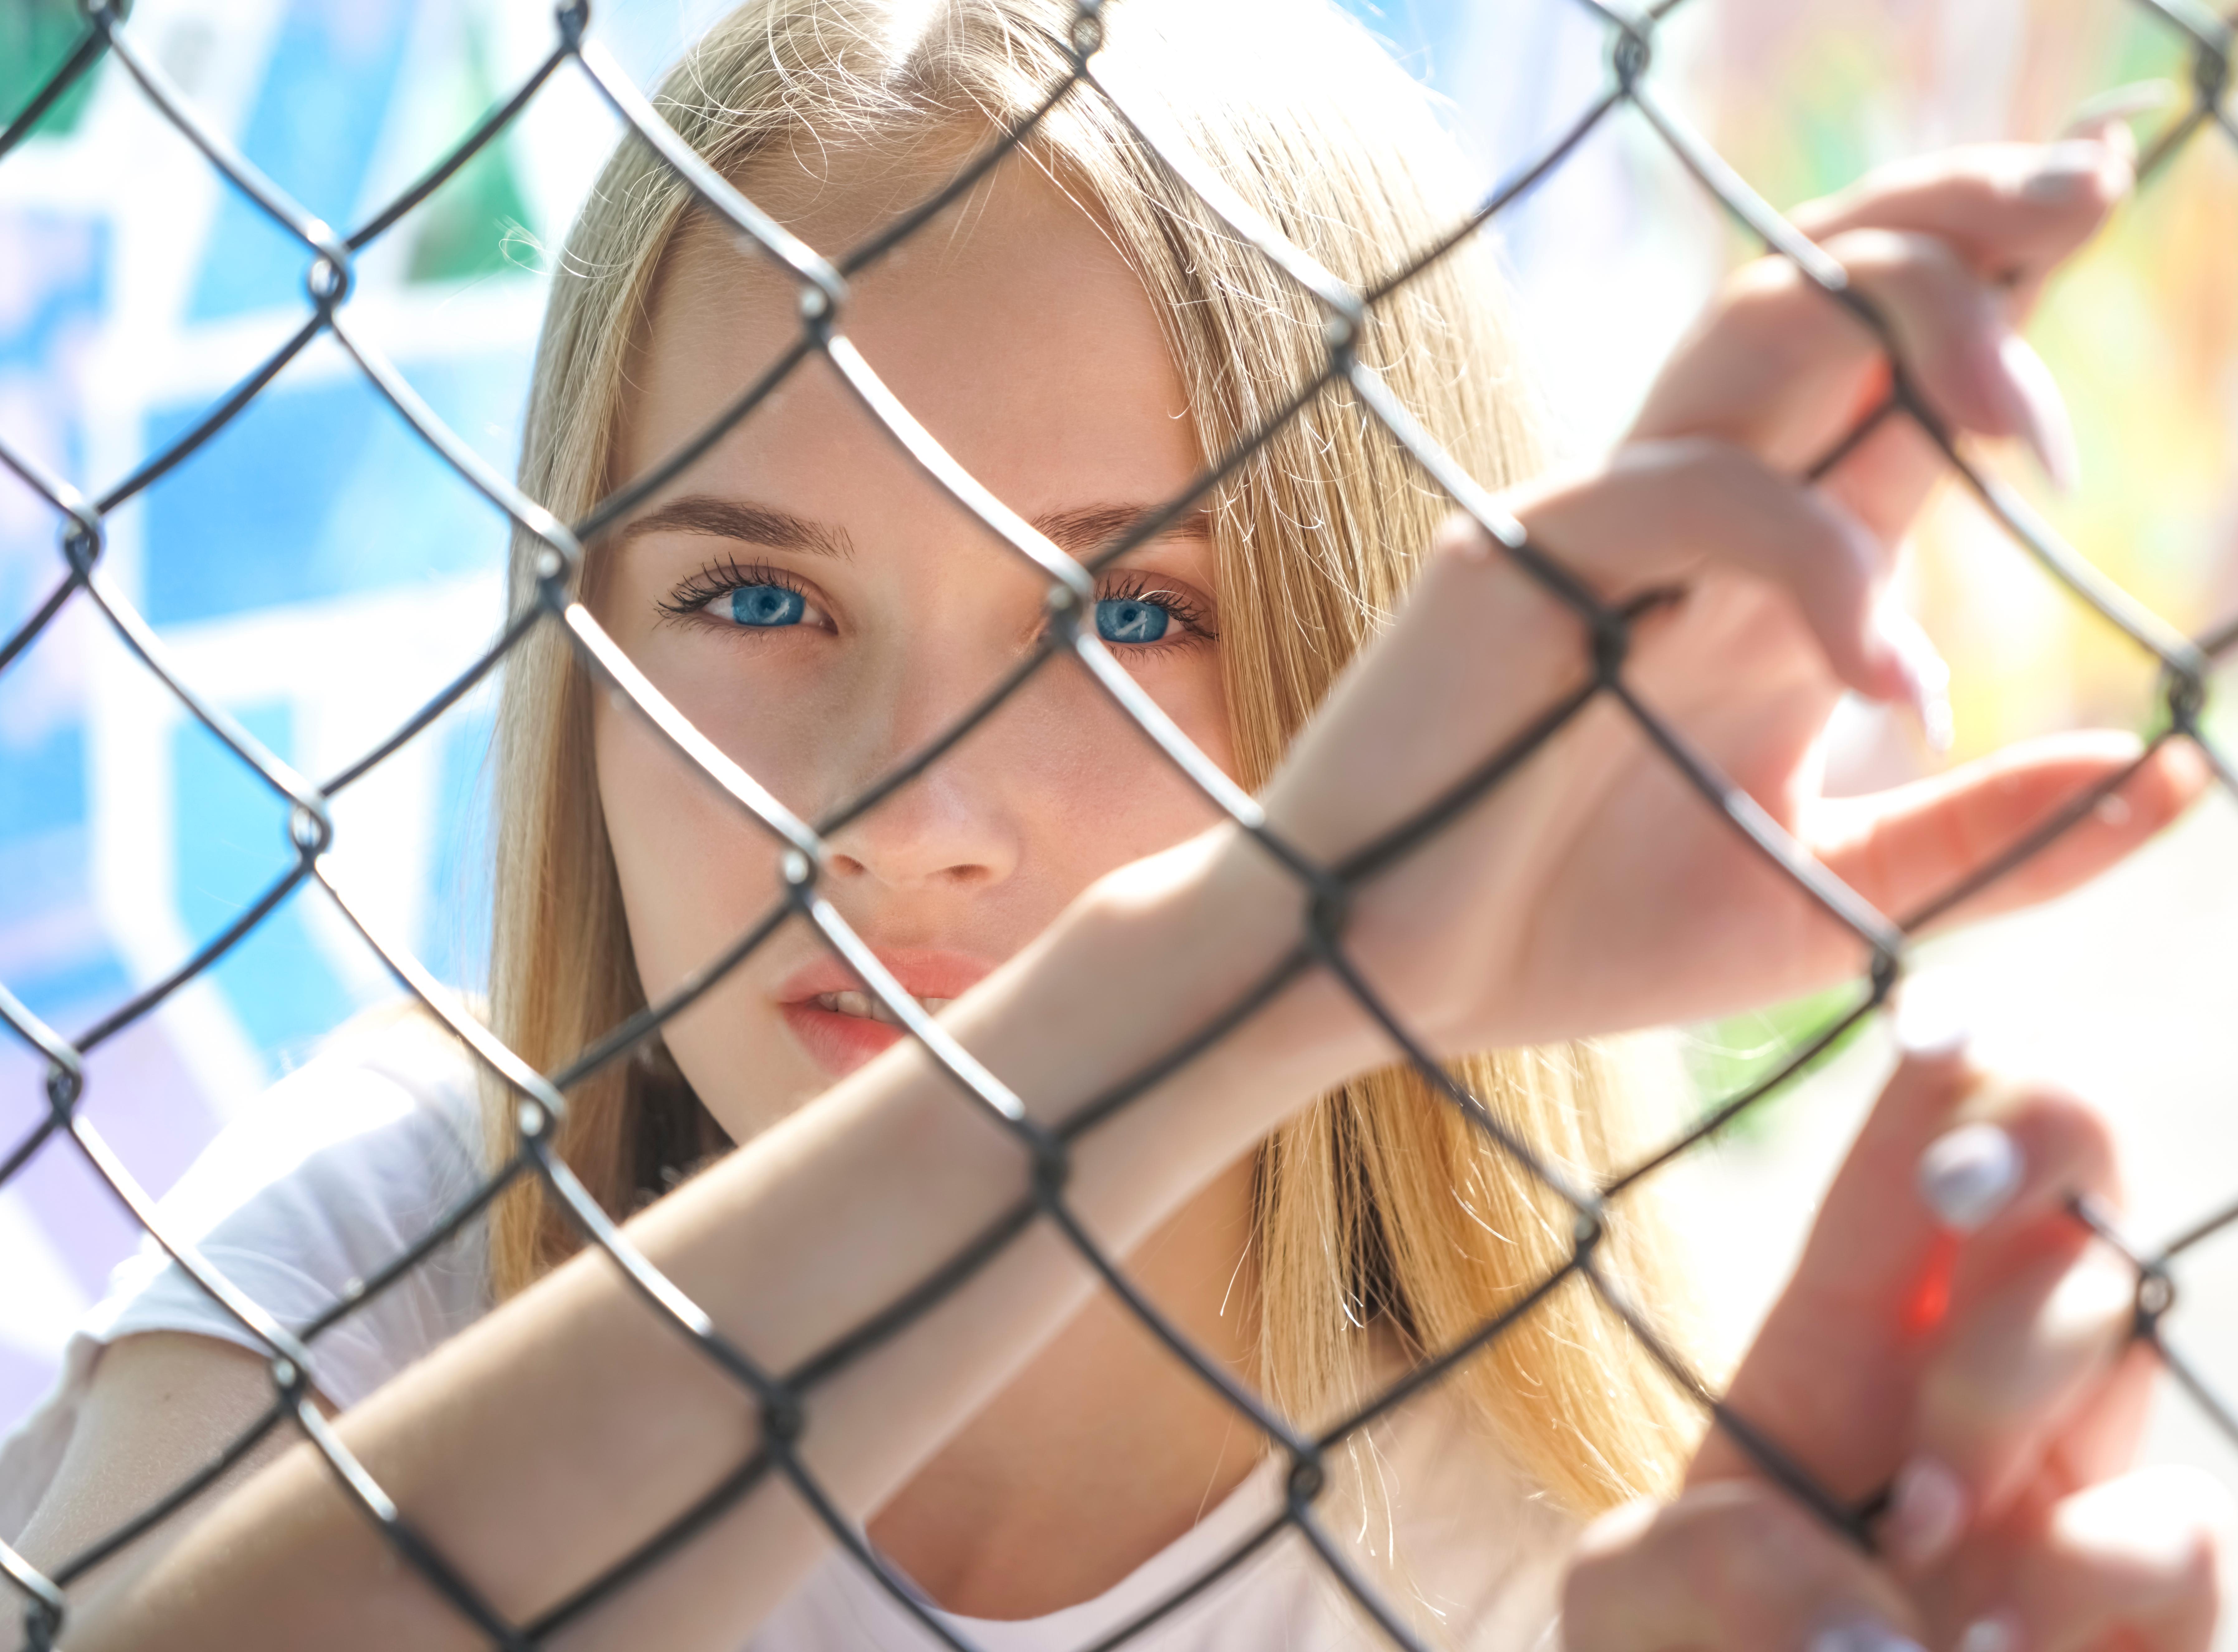 Klaustrofobi är en irrationell rädsla för att kvävas eller känna sig instängd.